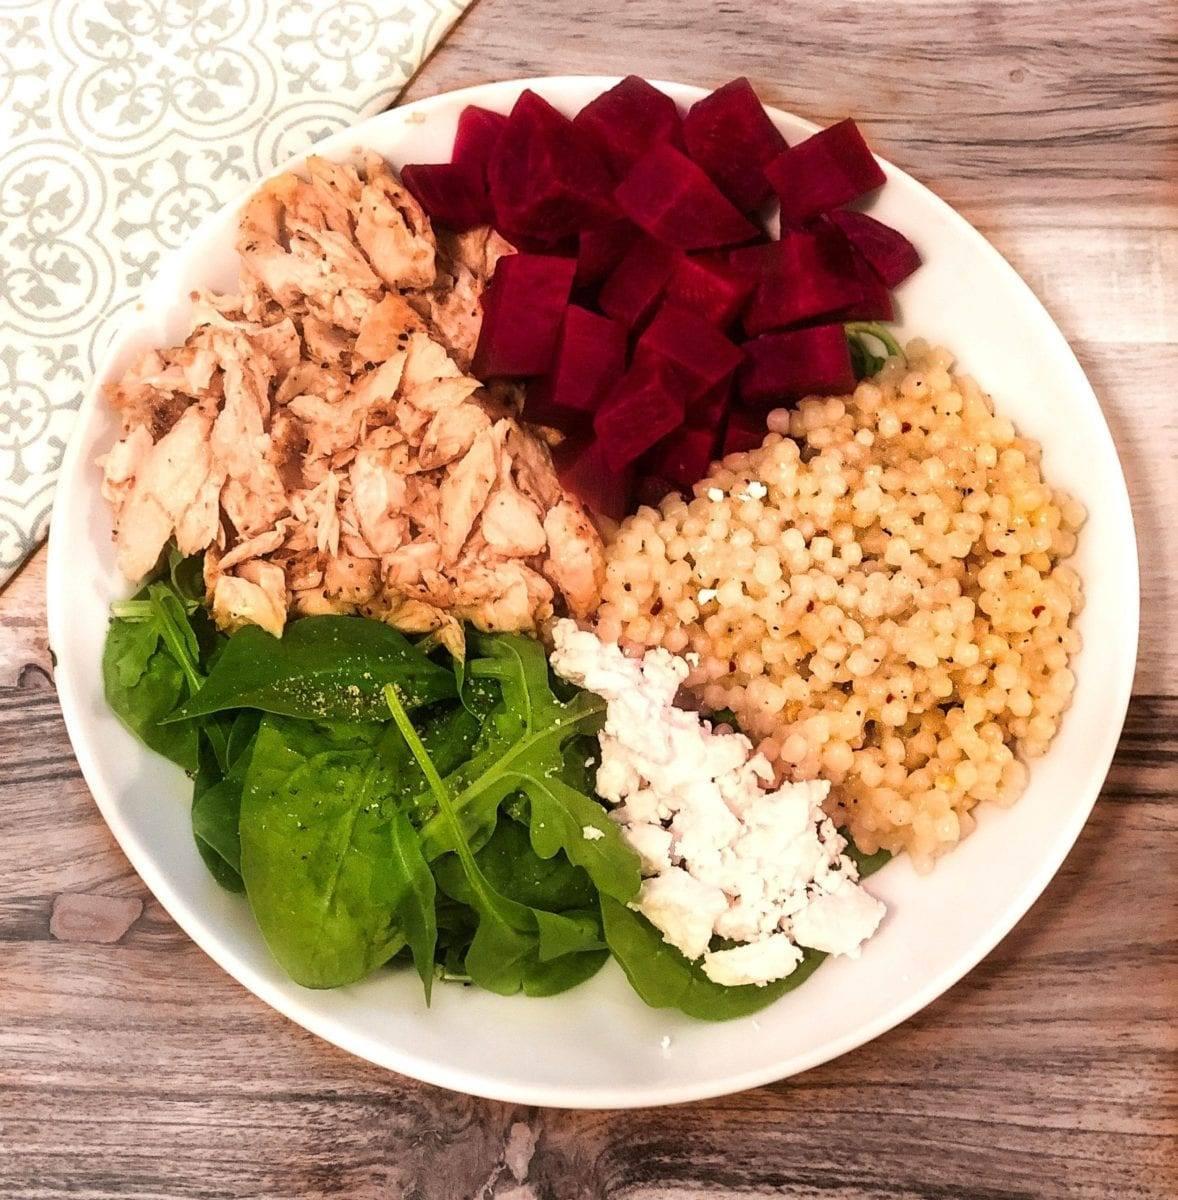 Beet & Salmon Protein Bowl